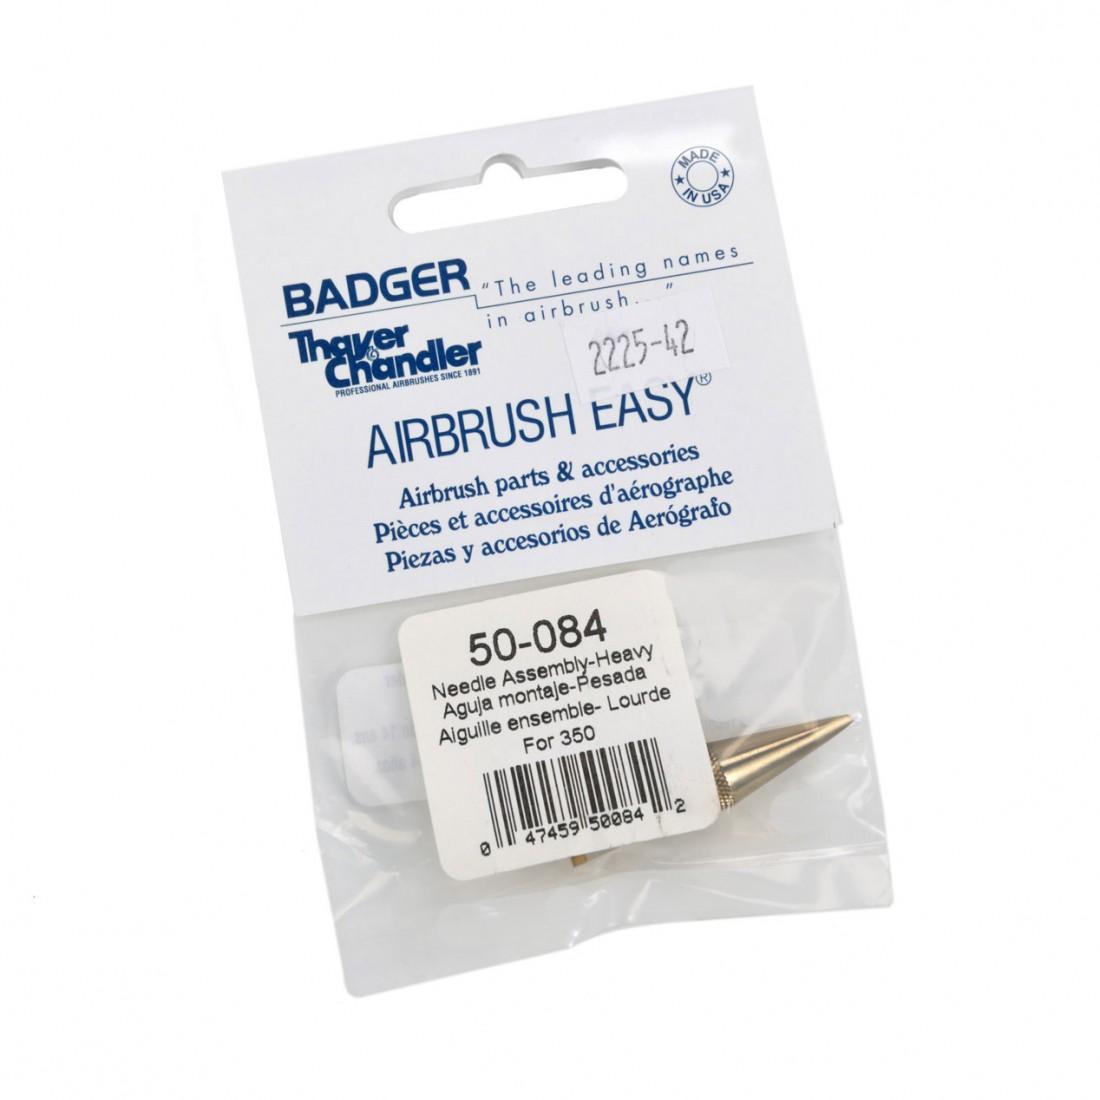 Badger 50-084